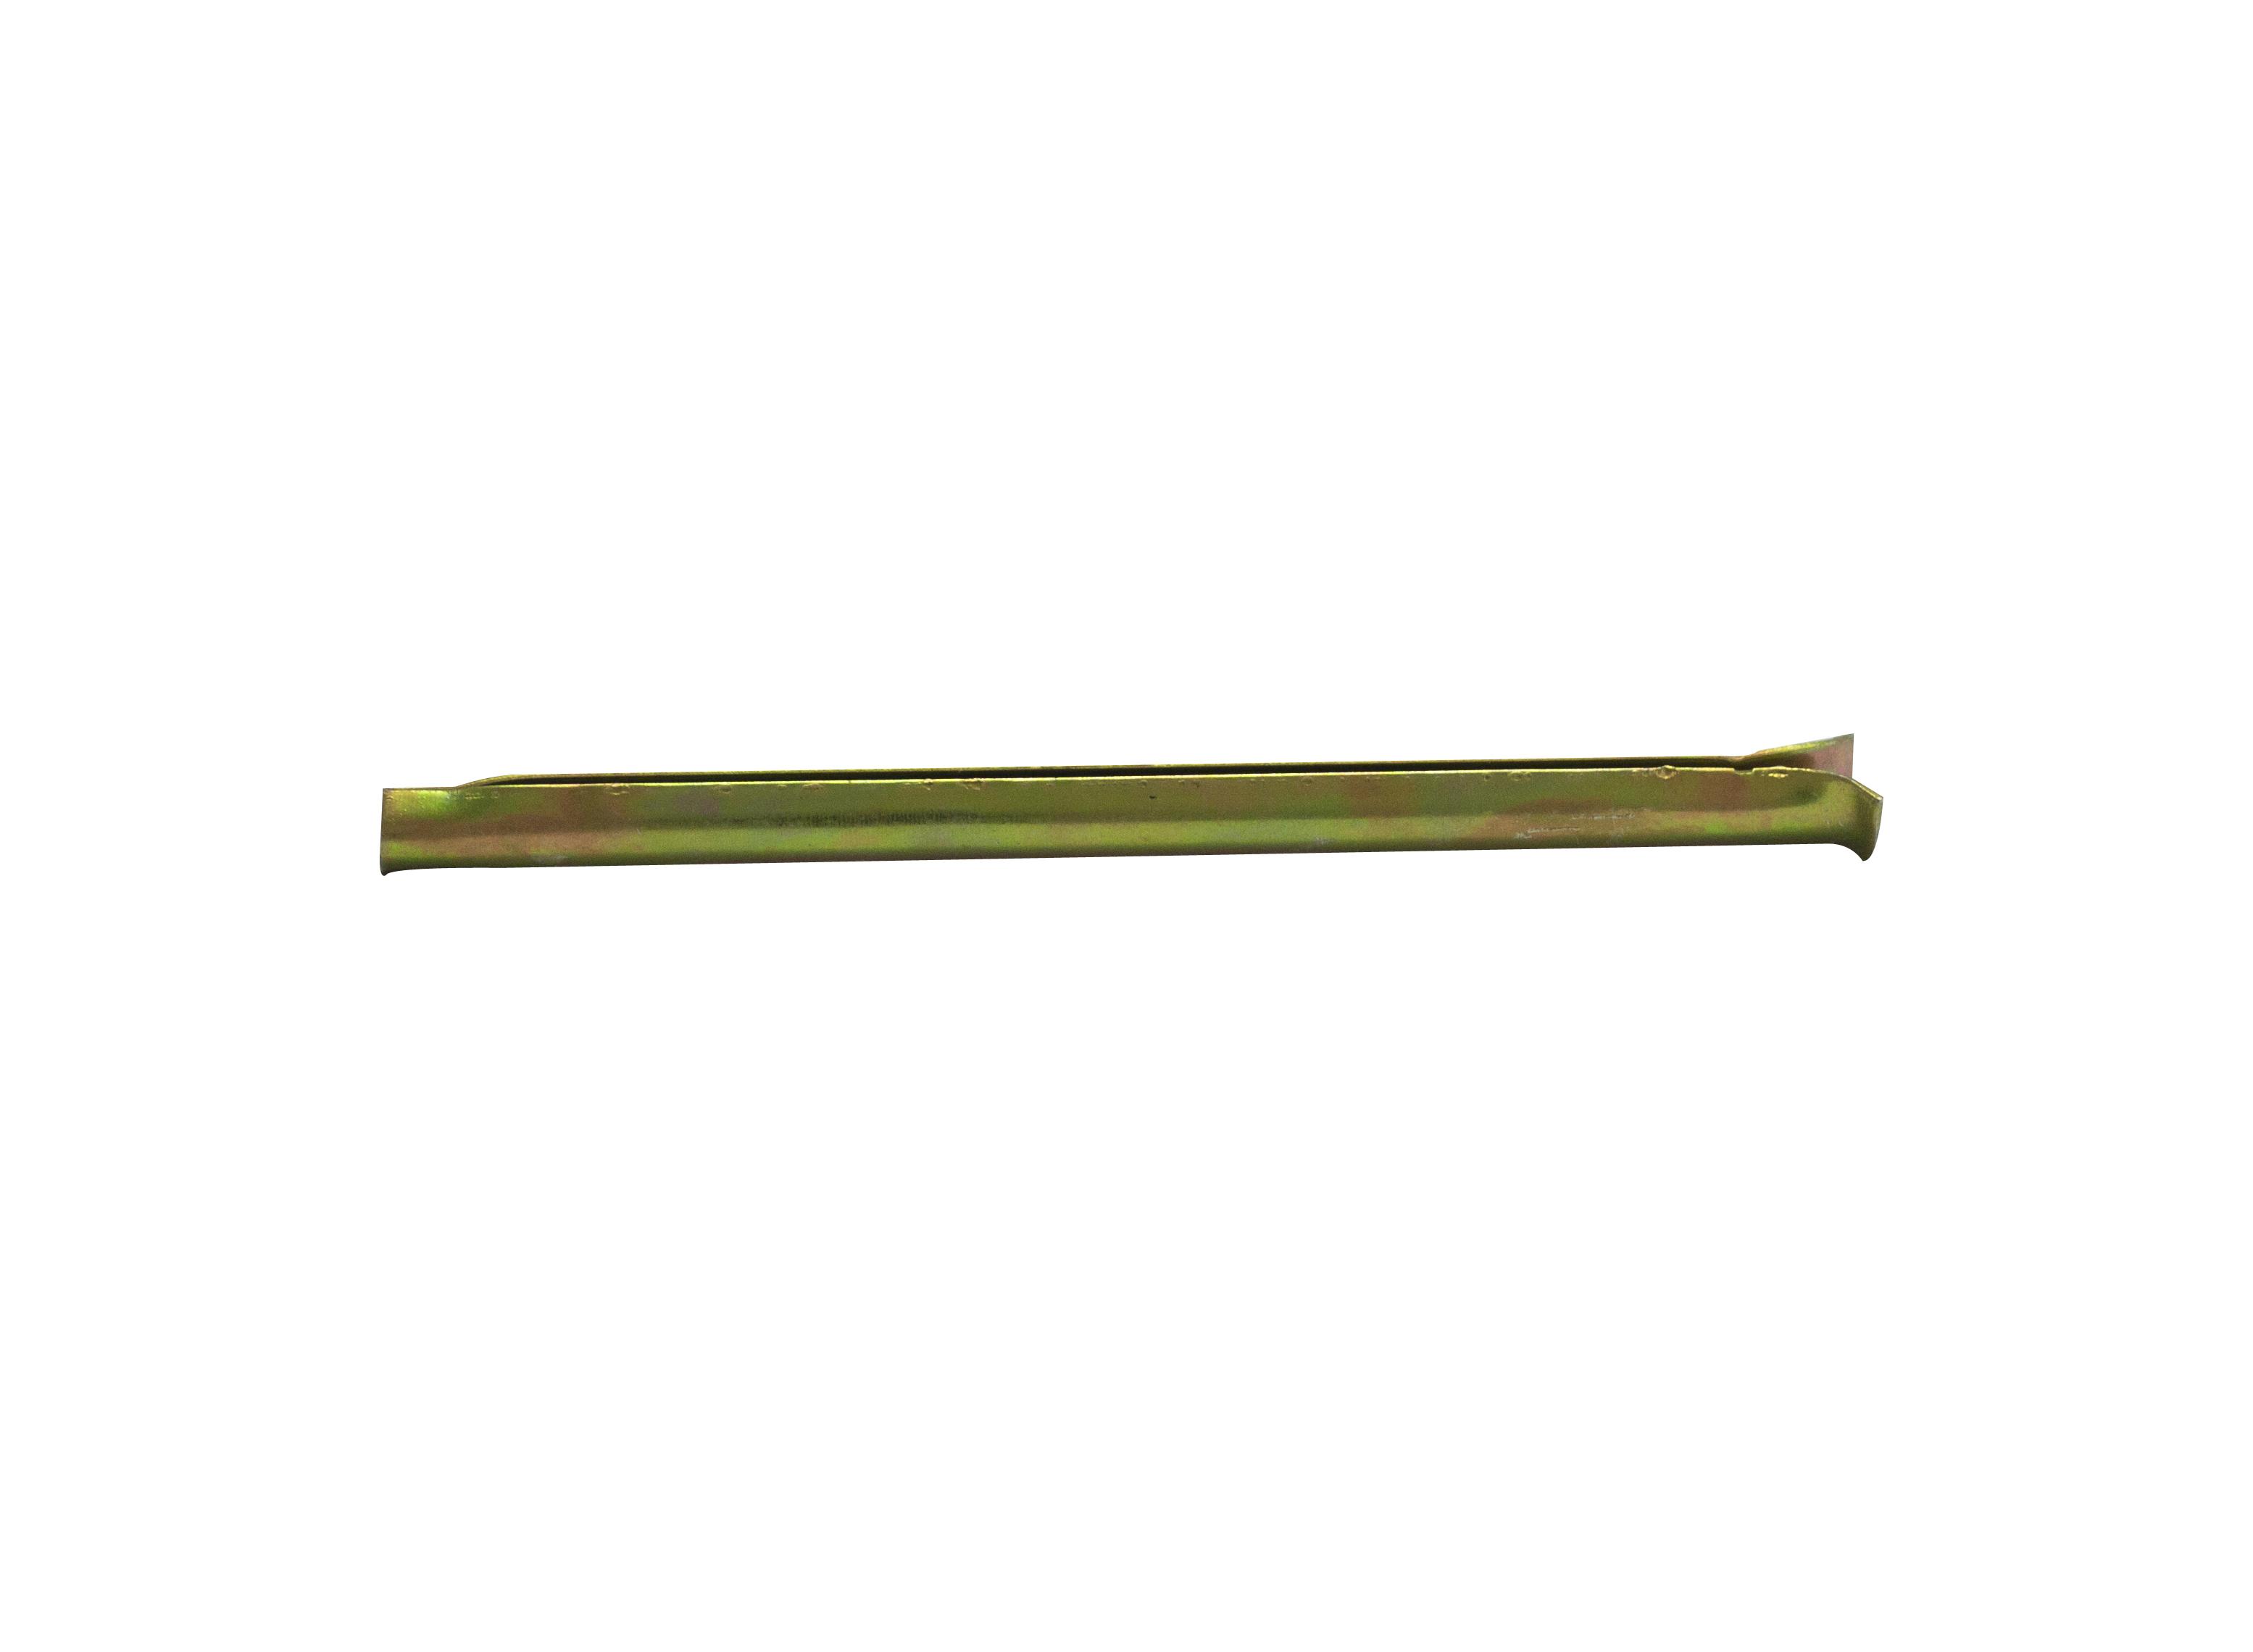 Rawl Trade Express Nail 8x150 (10pcs)